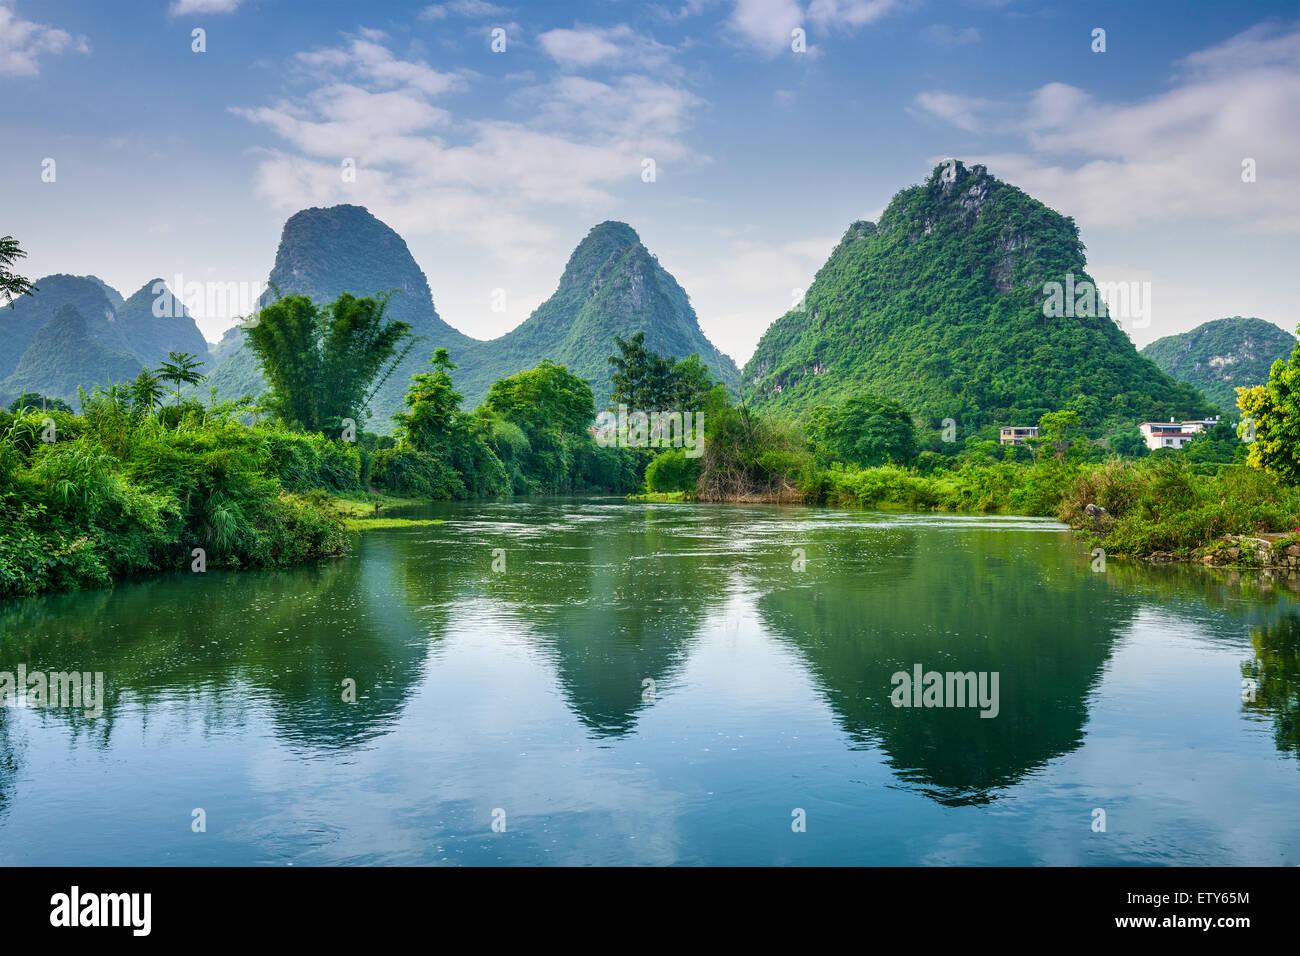 Yangshuo, Paesaggio Carsico della Cina paesaggio di montagna. Immagini Stock